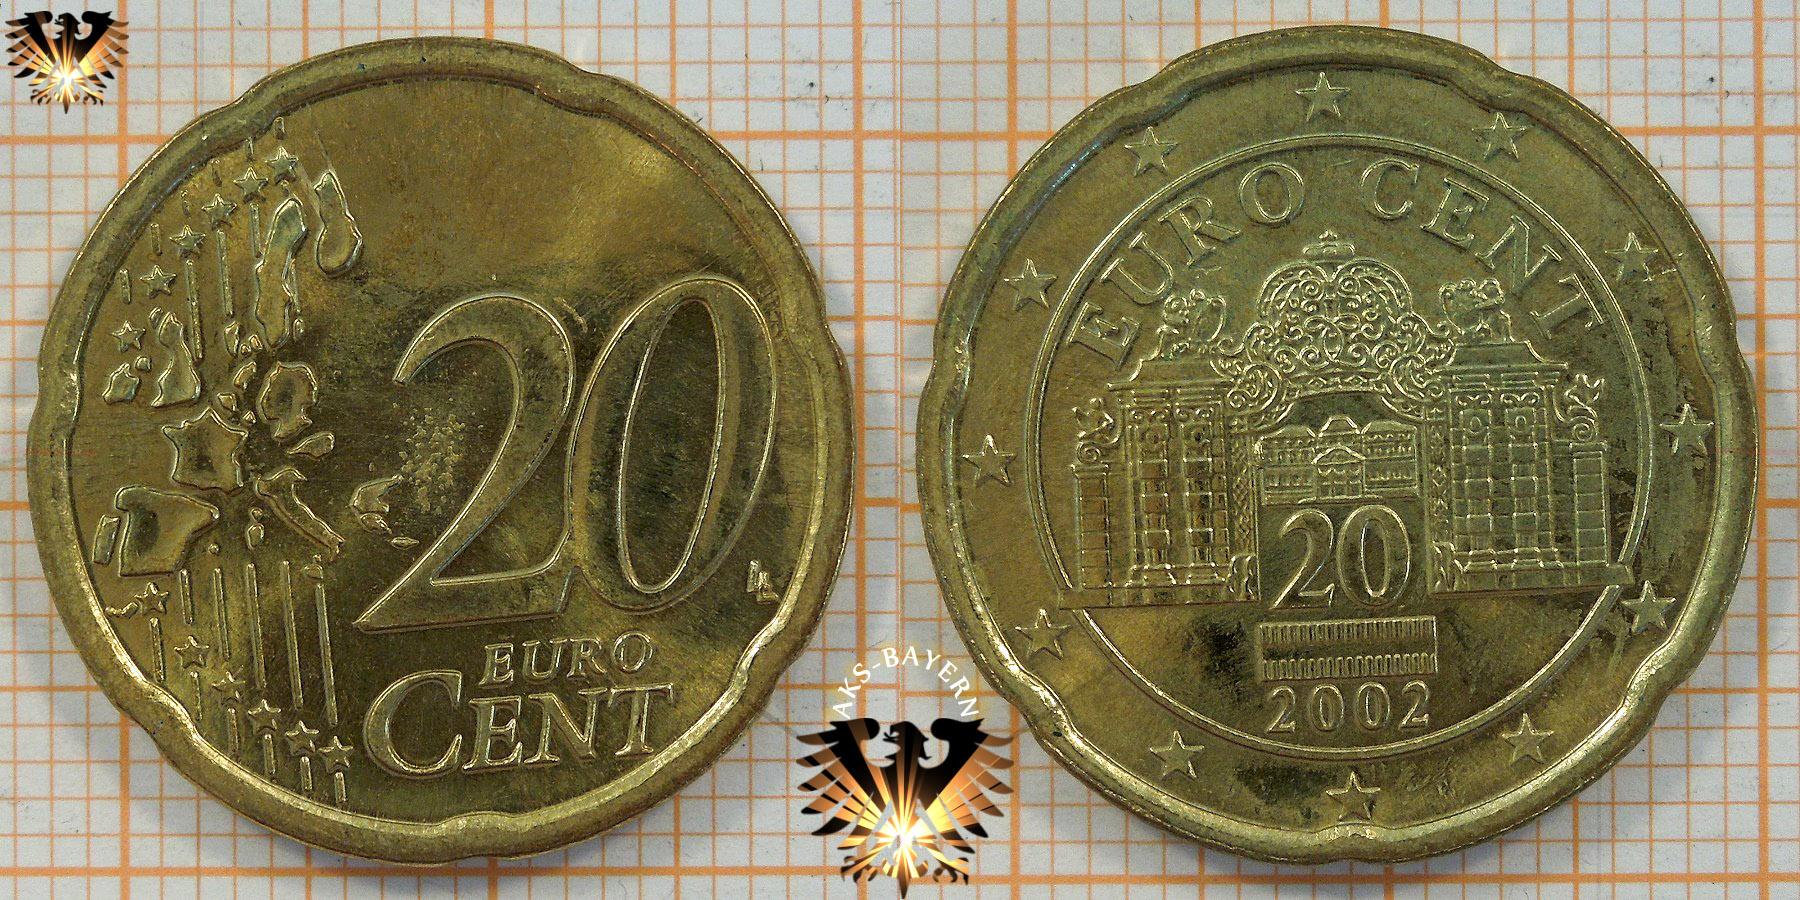 20 Euro Cent österrreich 2002 Nominal